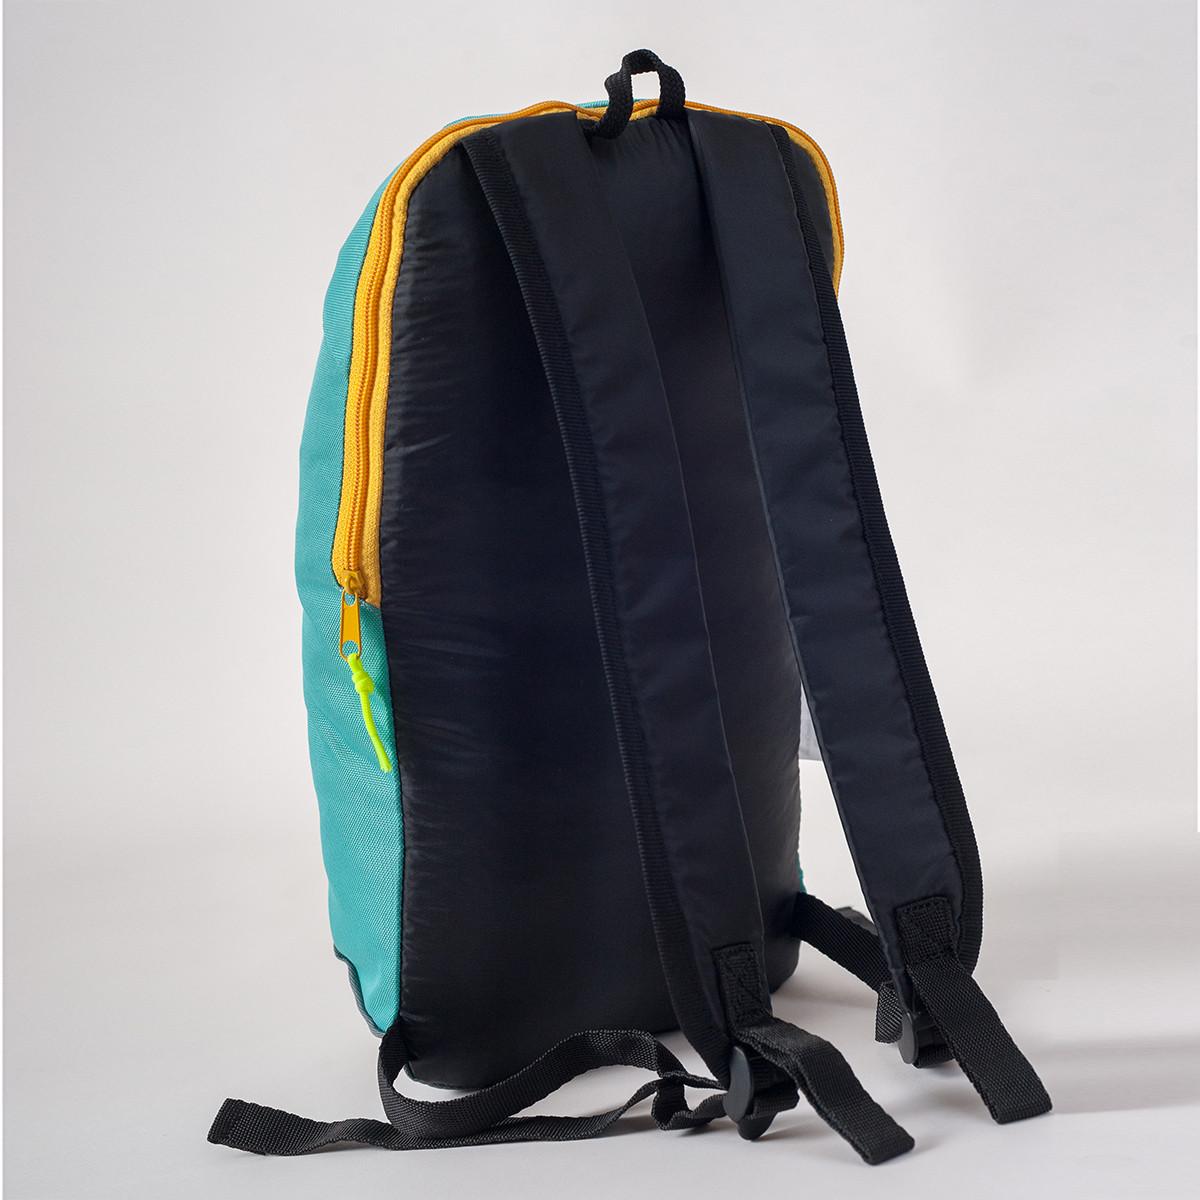 Спортивный рюкзак MAYERS 10L, бирюзовый + серый / желтая молния, фото 3